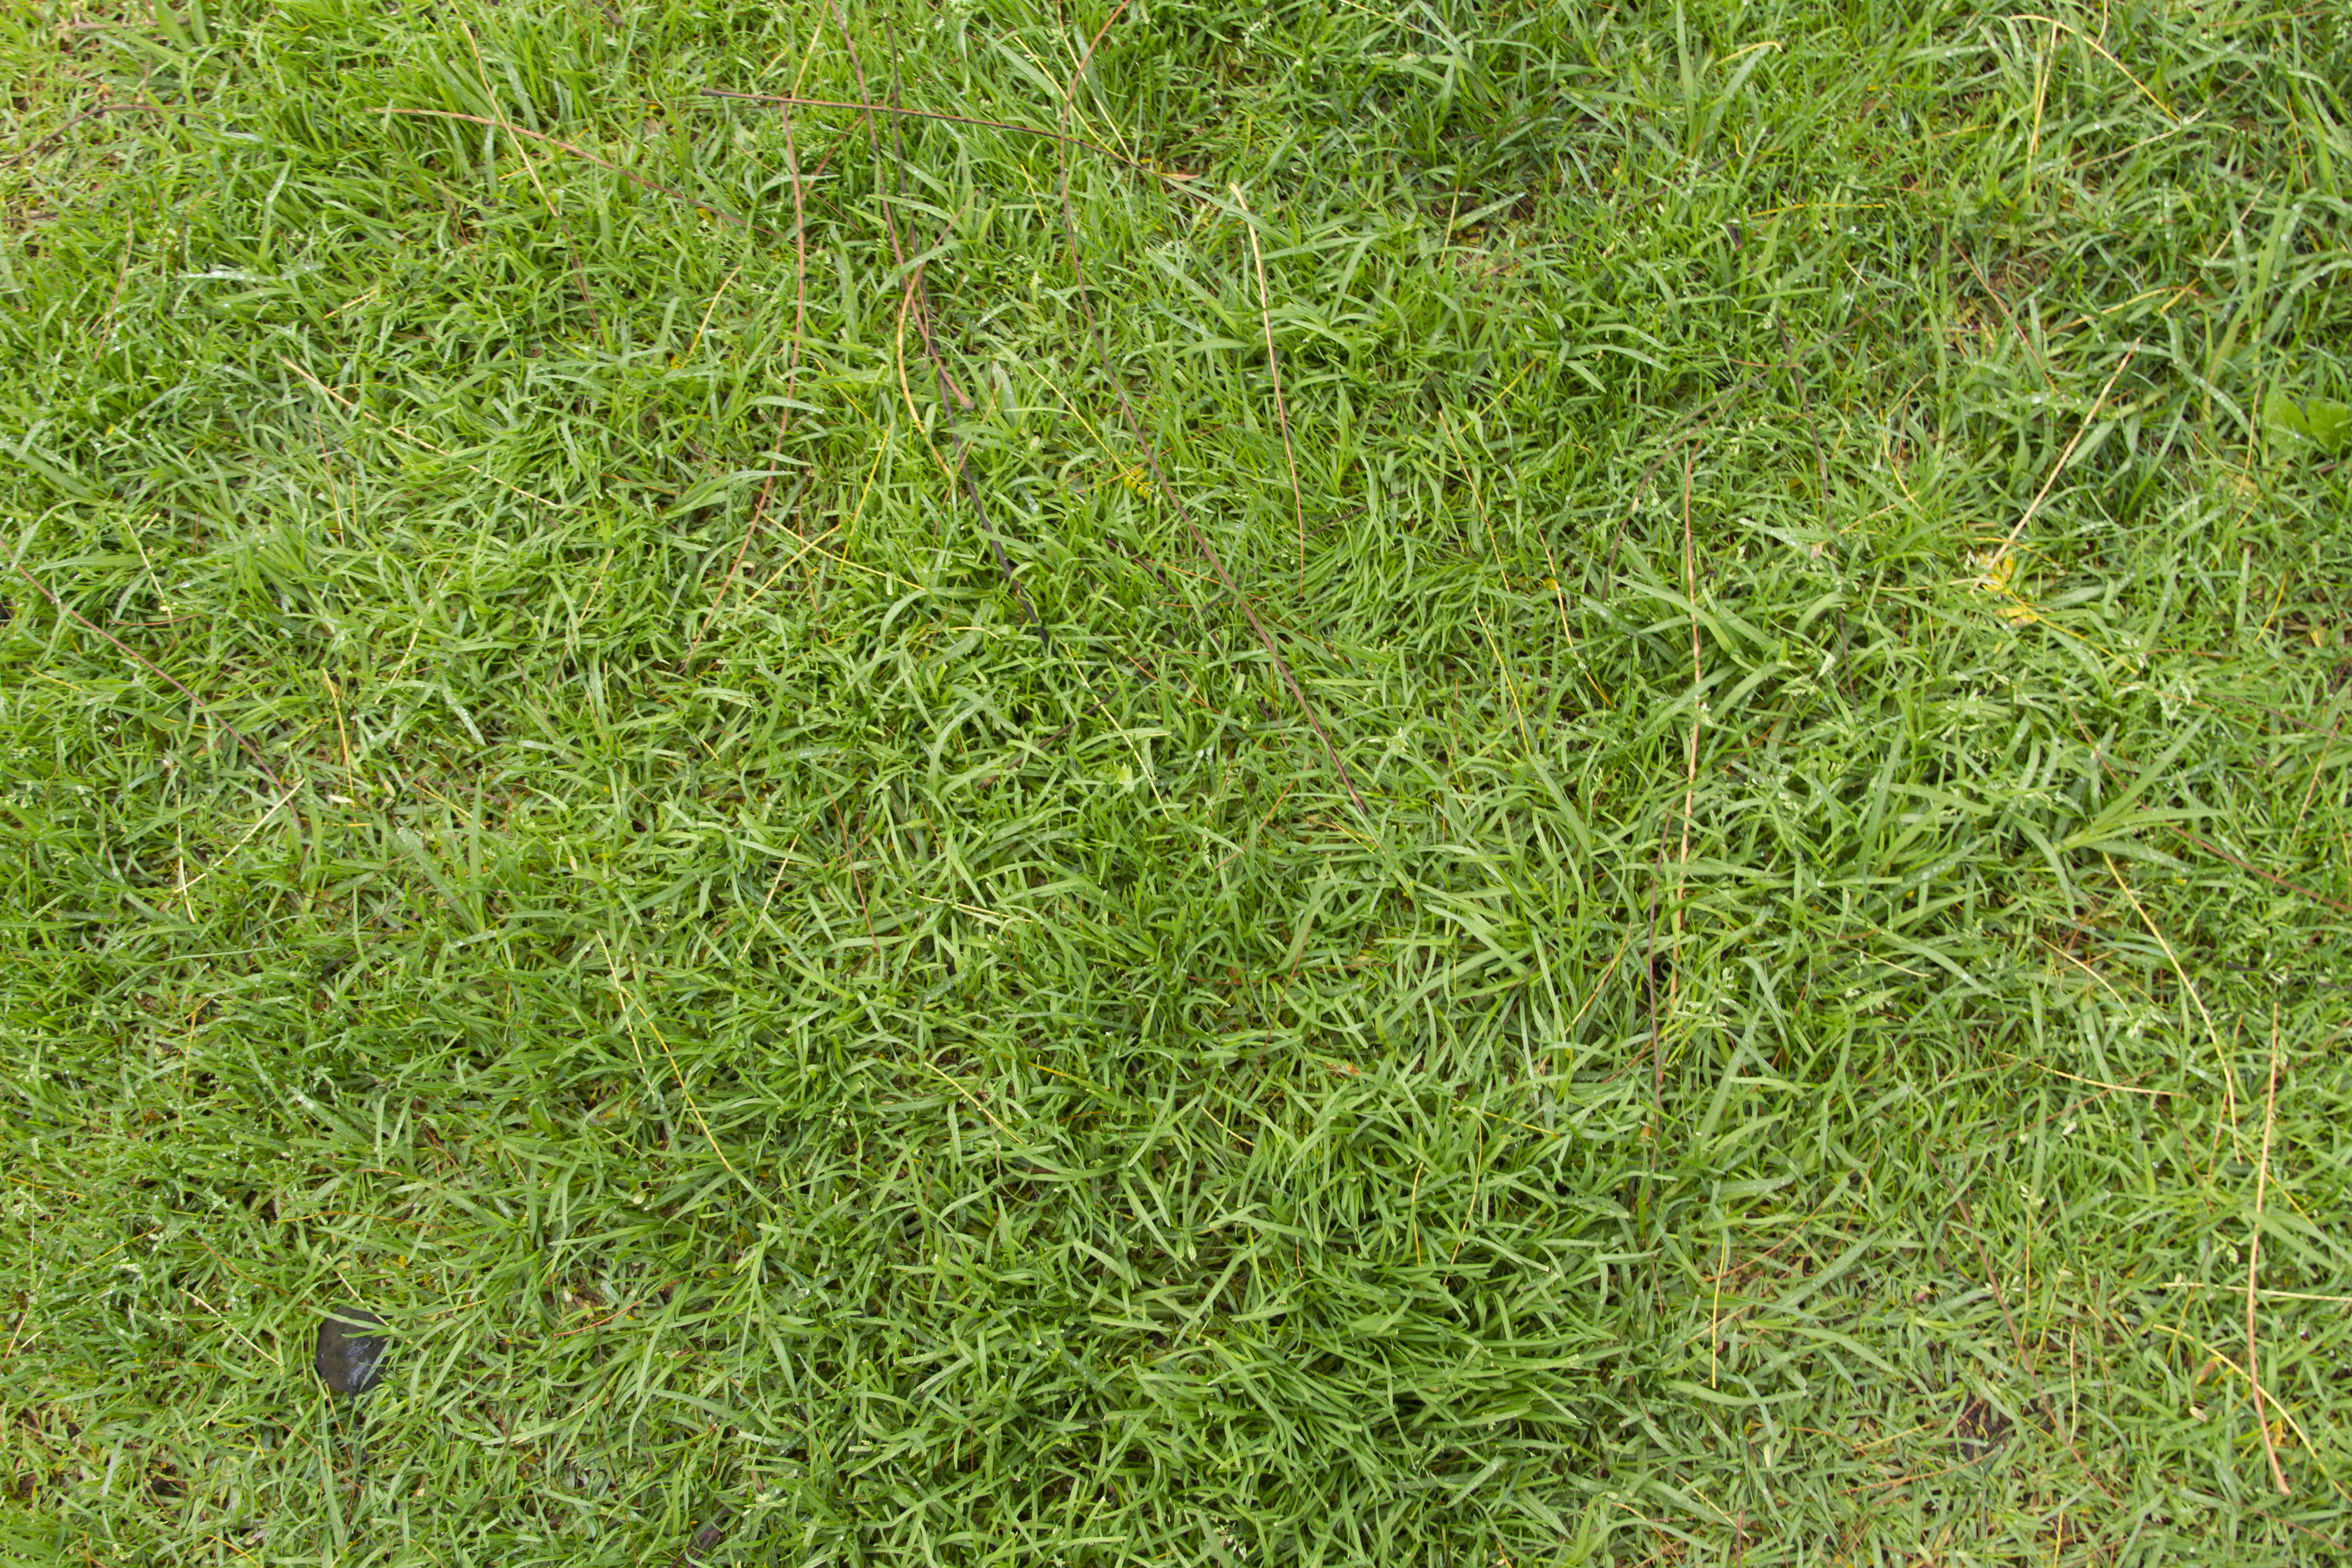 Green Lawn Grass Texture - 14Textures